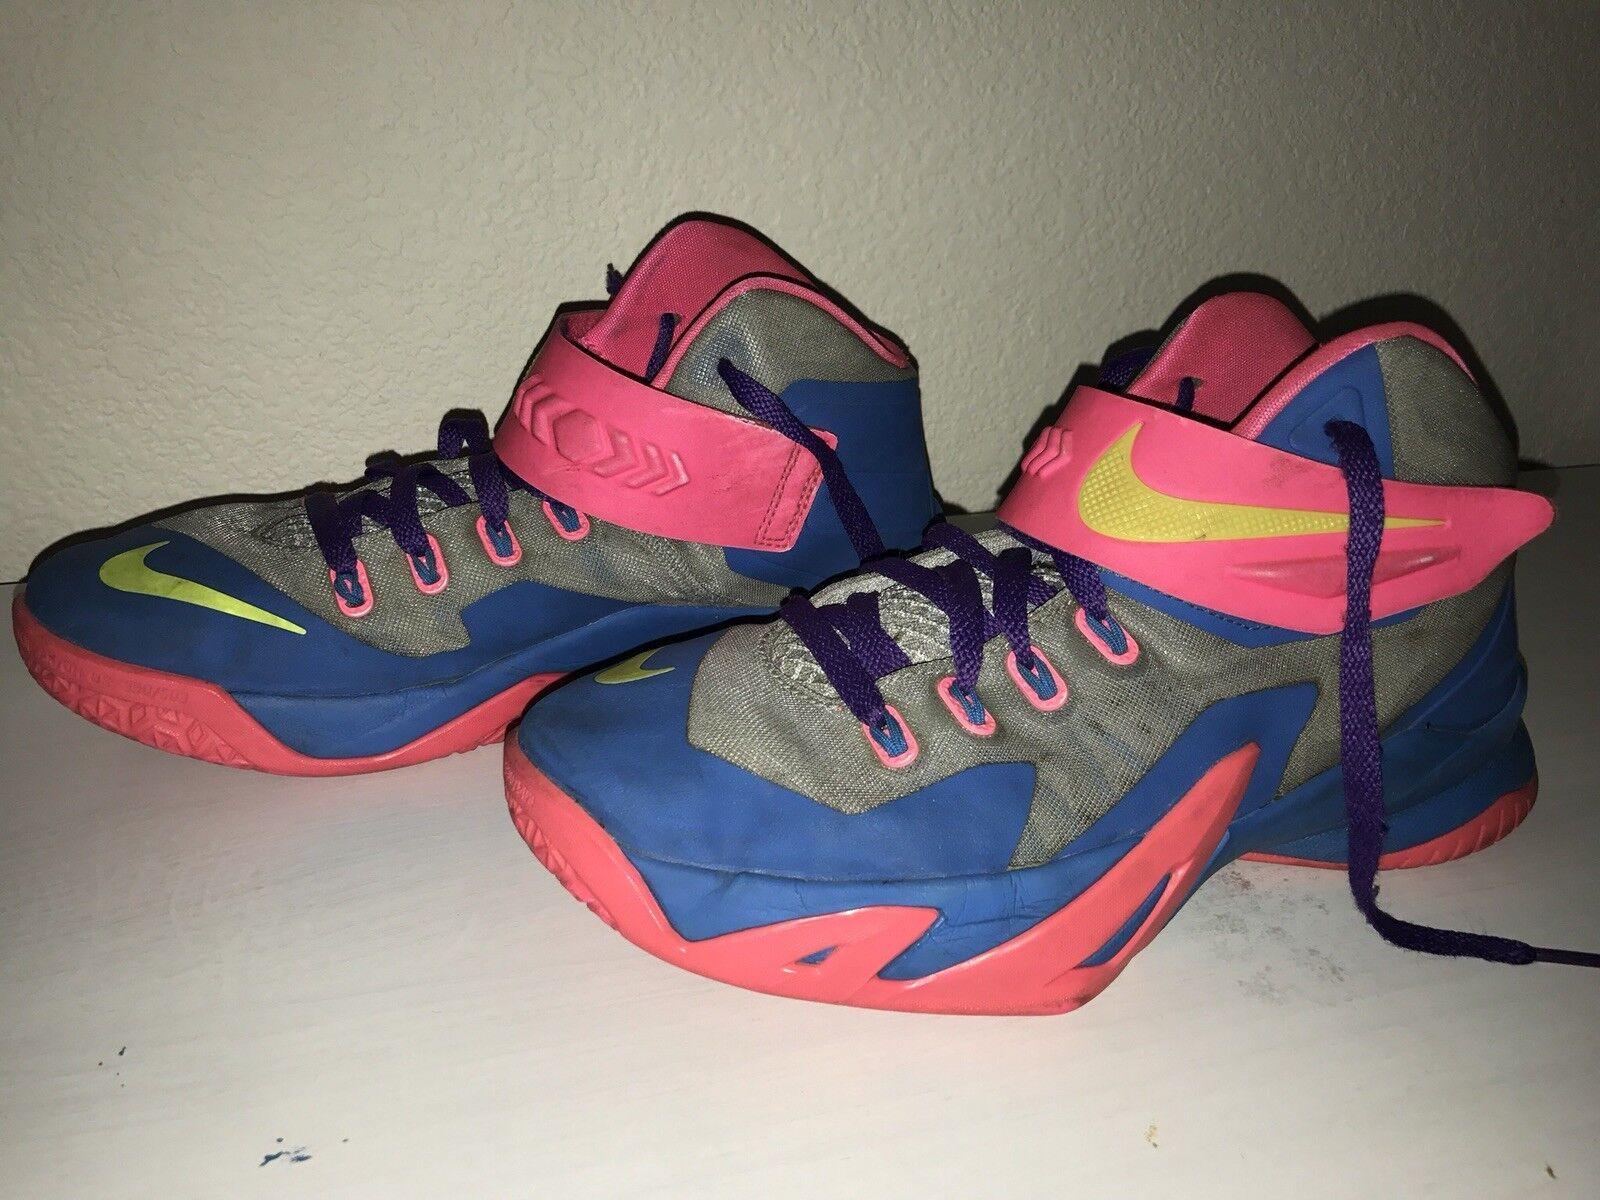 Nike Zoom LeBron Soldier amarillo VIII 8 PMR azul rosa amarillo Soldier gris púrpura gris tamaño 7y casual salvaje 5bd4db